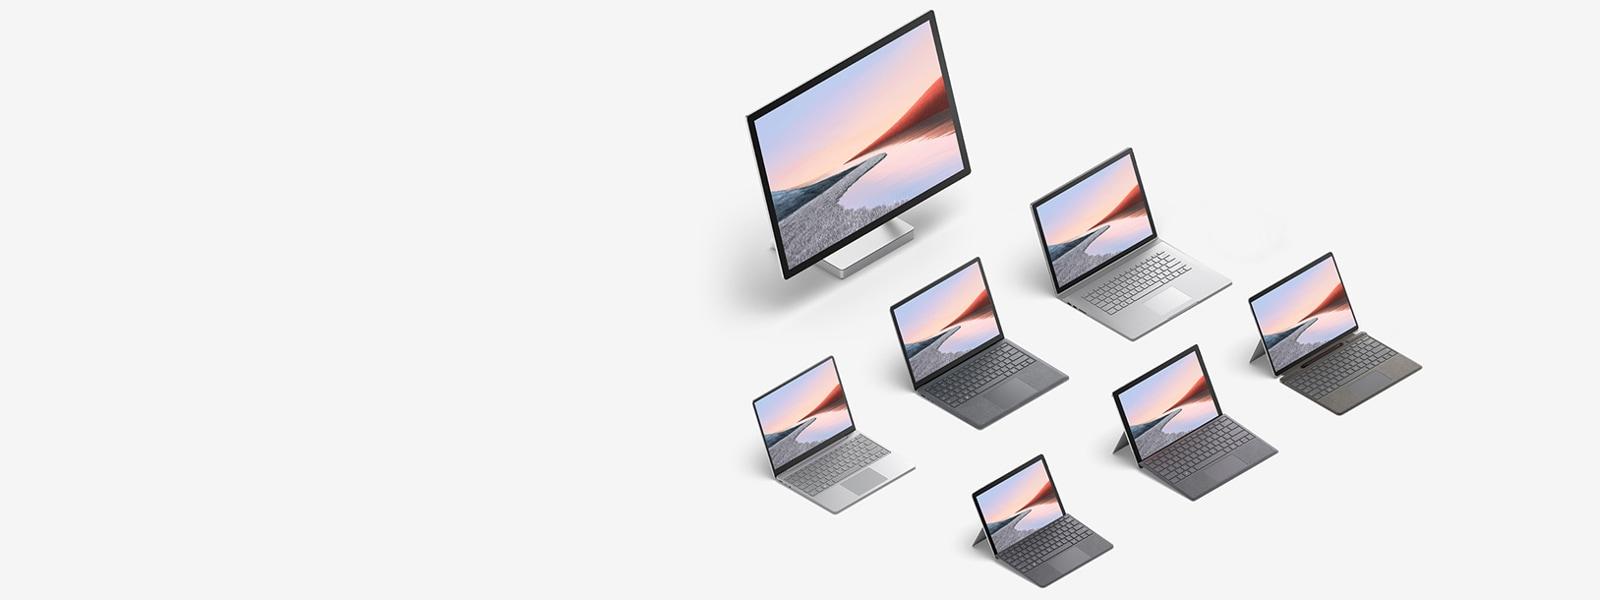 عرض لعدة أجهزة كمبيوتر Surface